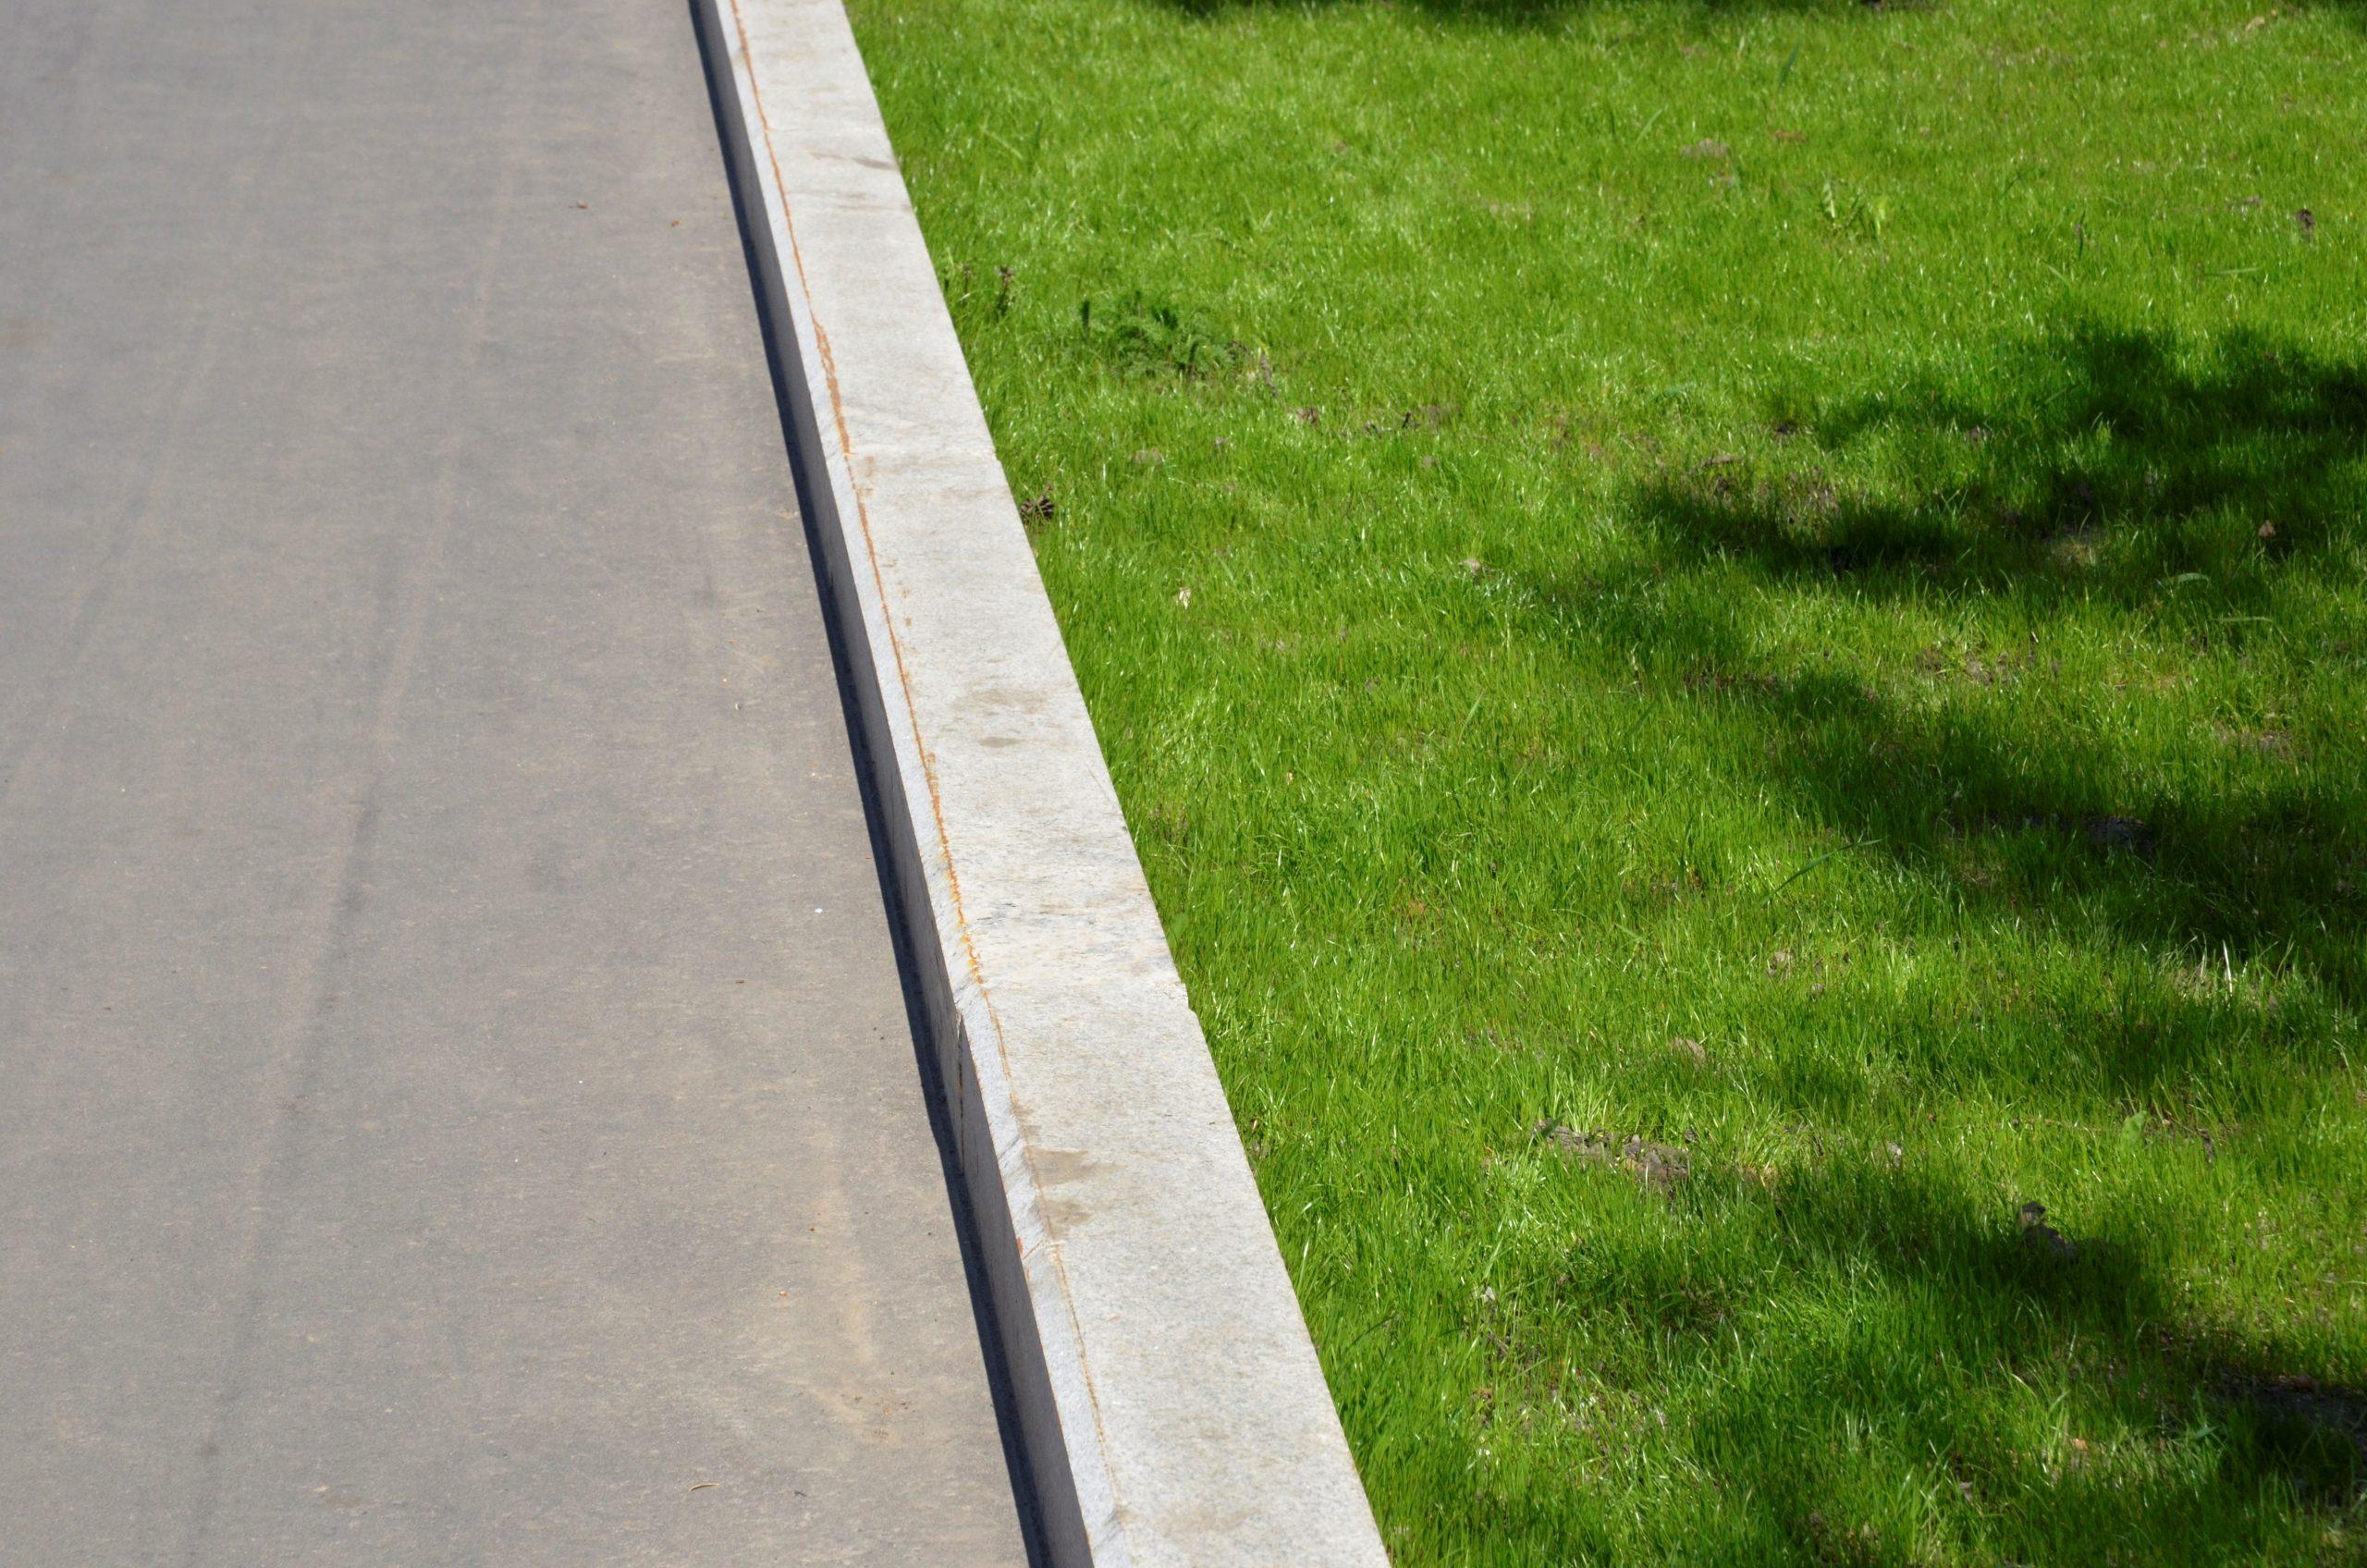 Специалисты приступили к очередному этапу ремонта асфальтобетонного покрытия в Щаповском